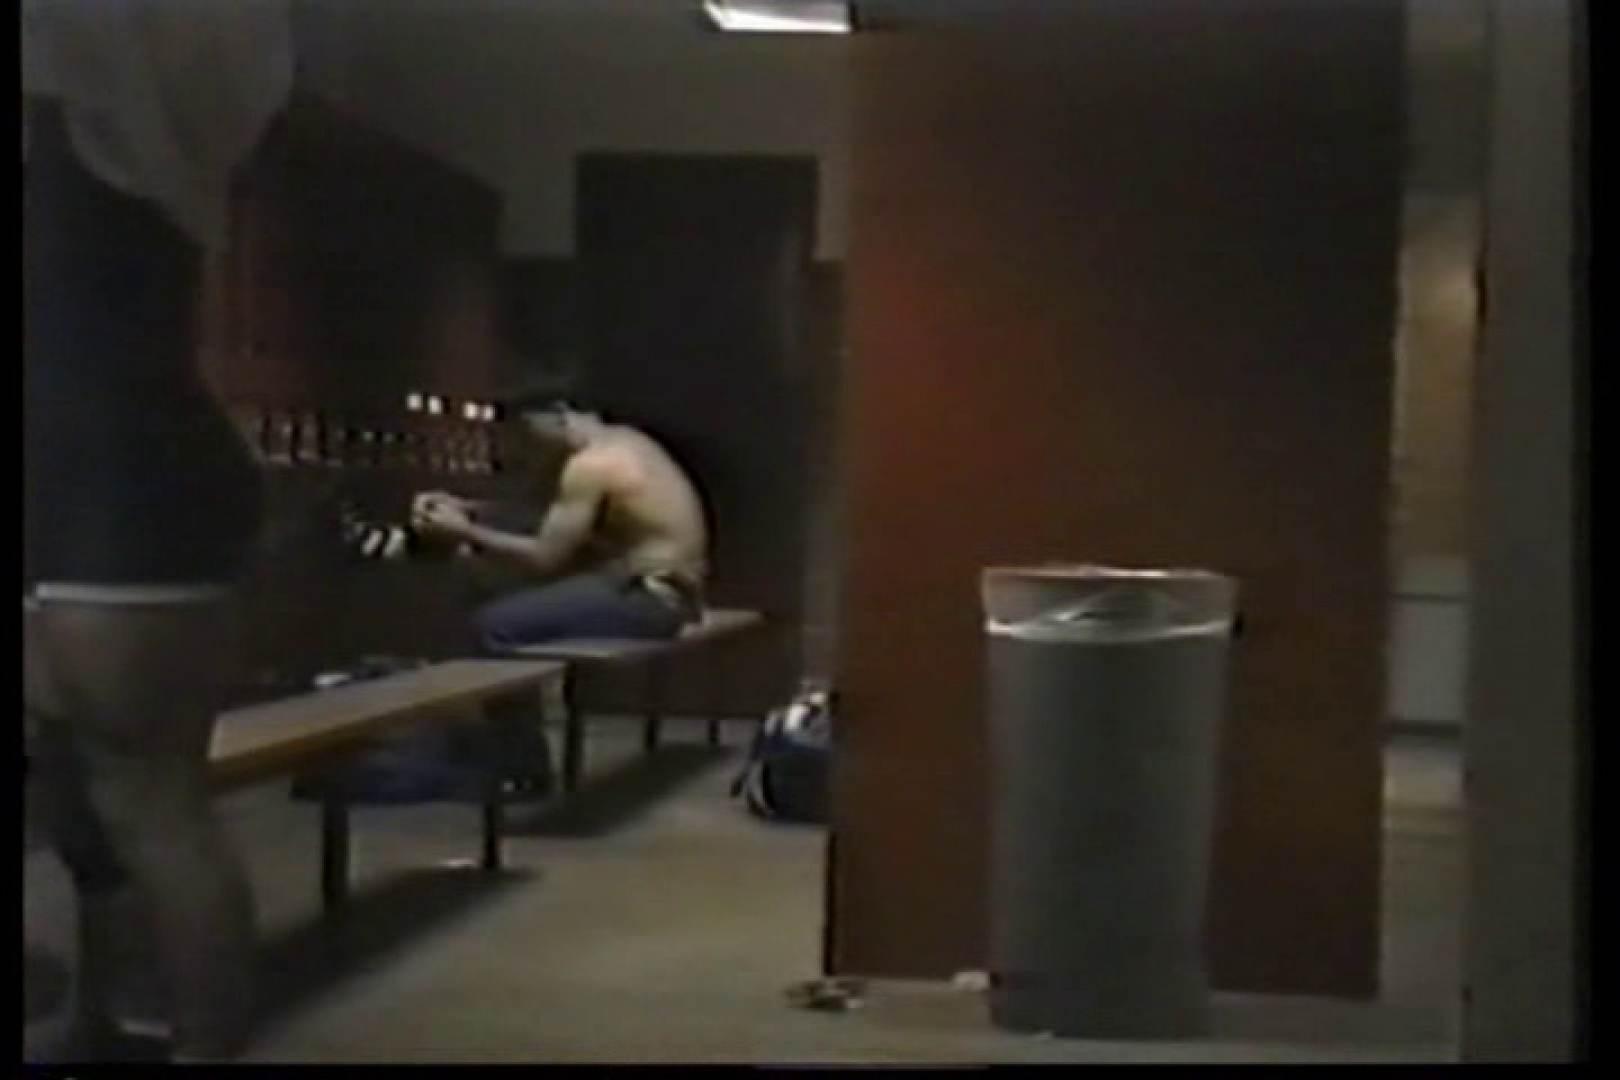 洋人さんの脱衣所を覗いてみました。VOL.3 男天国 | 0  109pic 80